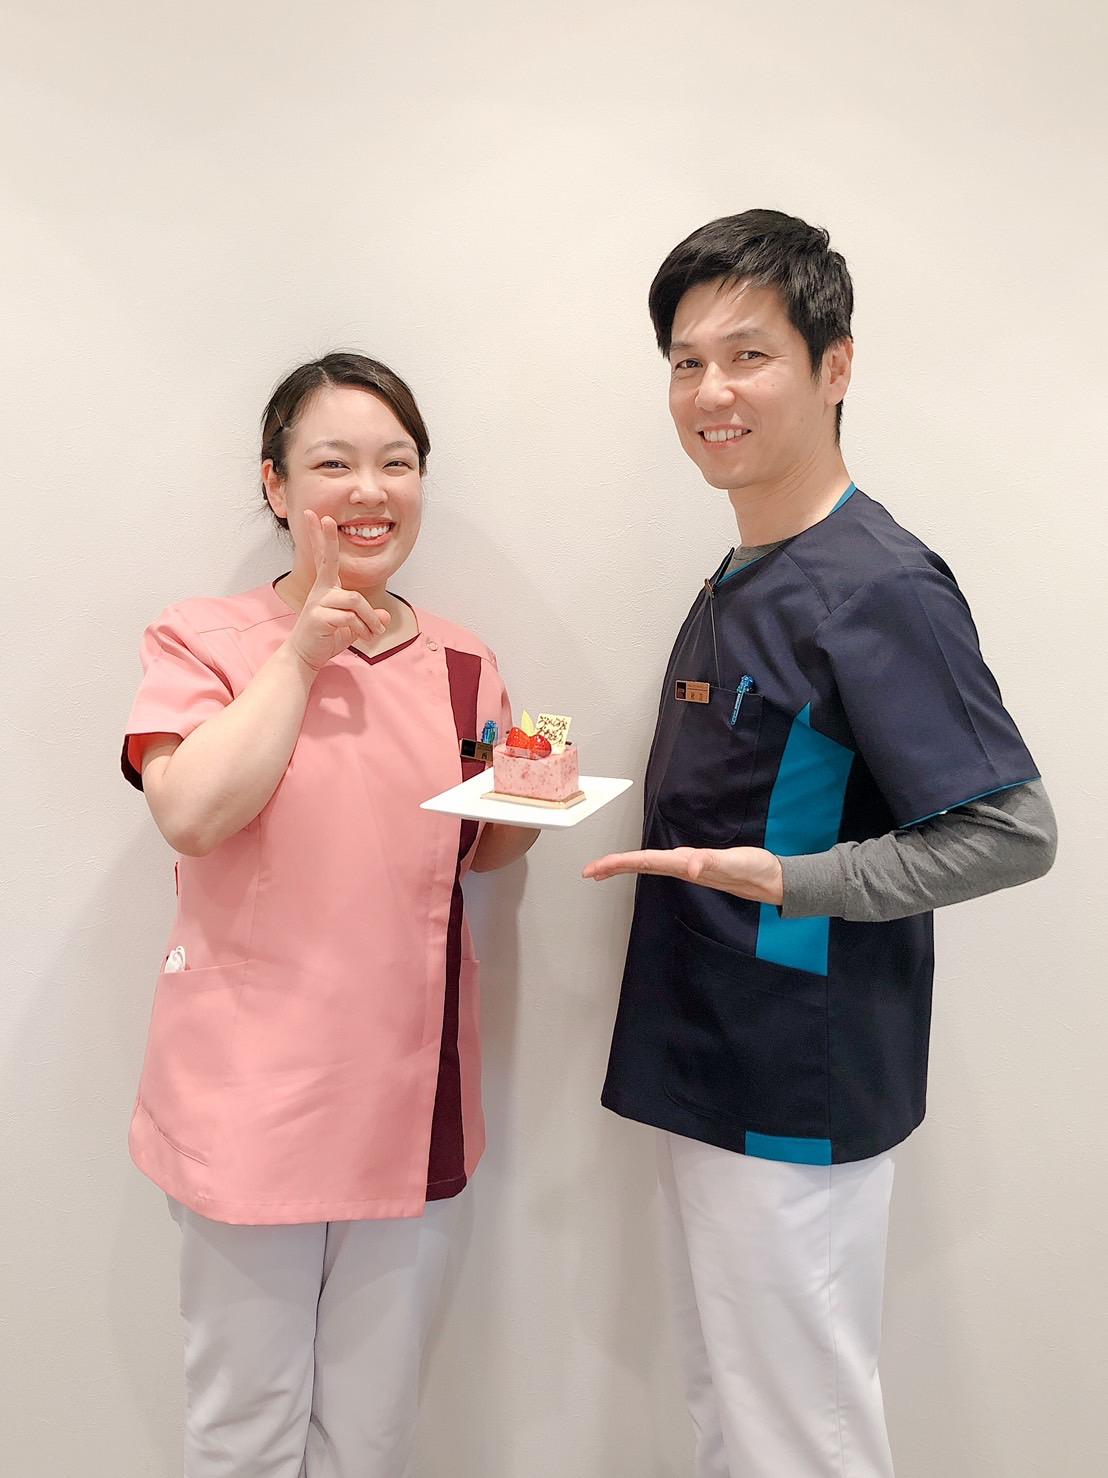 西川さんお誕生日おめでとう!のイメージ